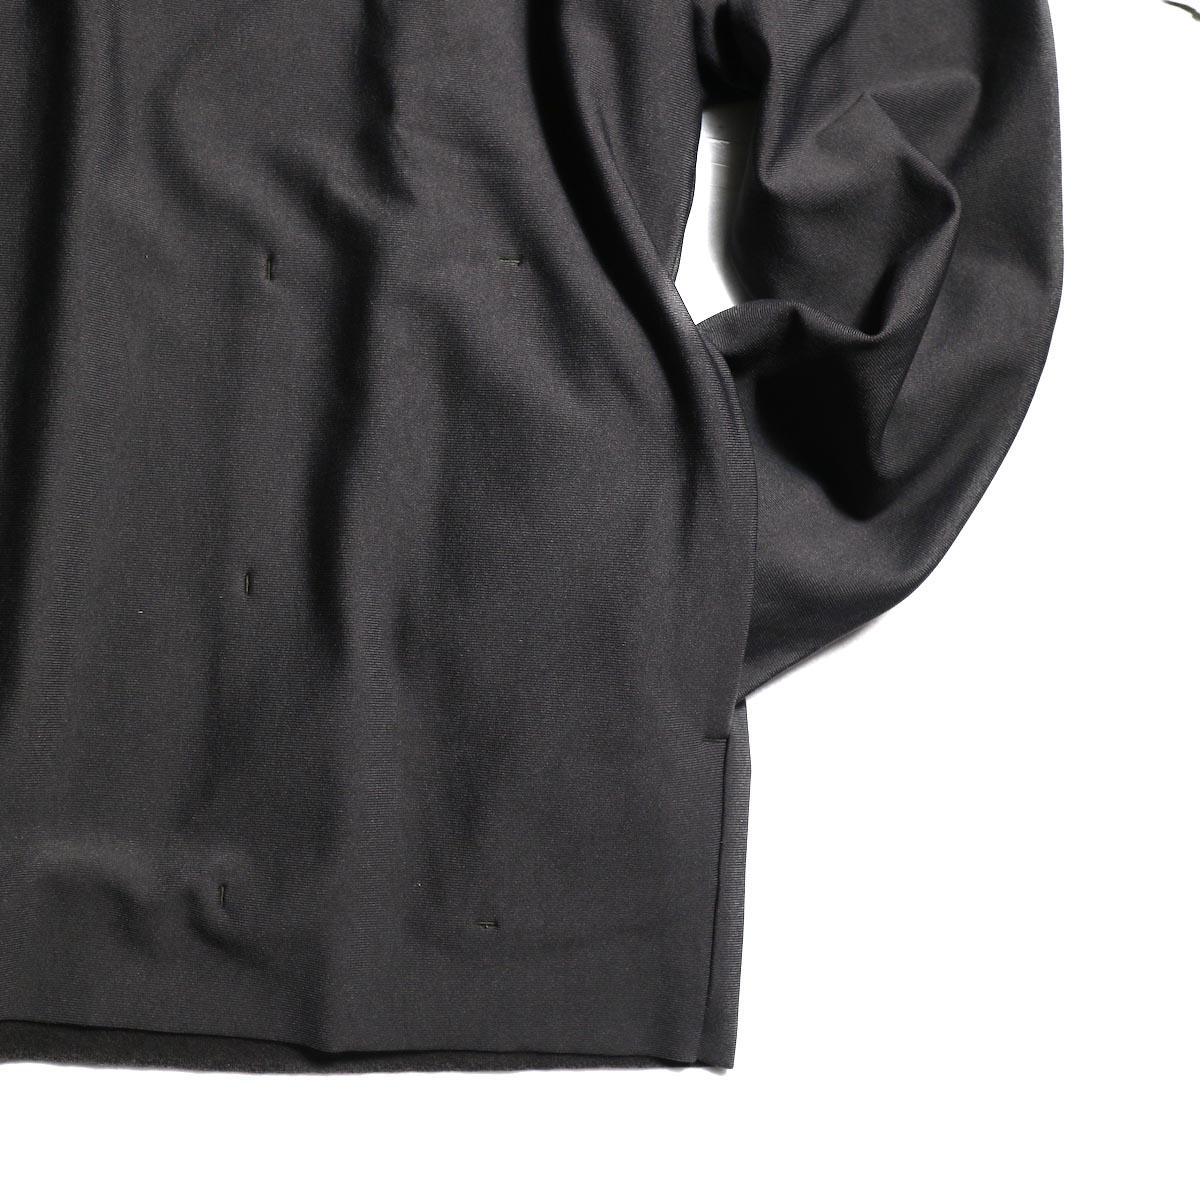 袖、裾、ポケット